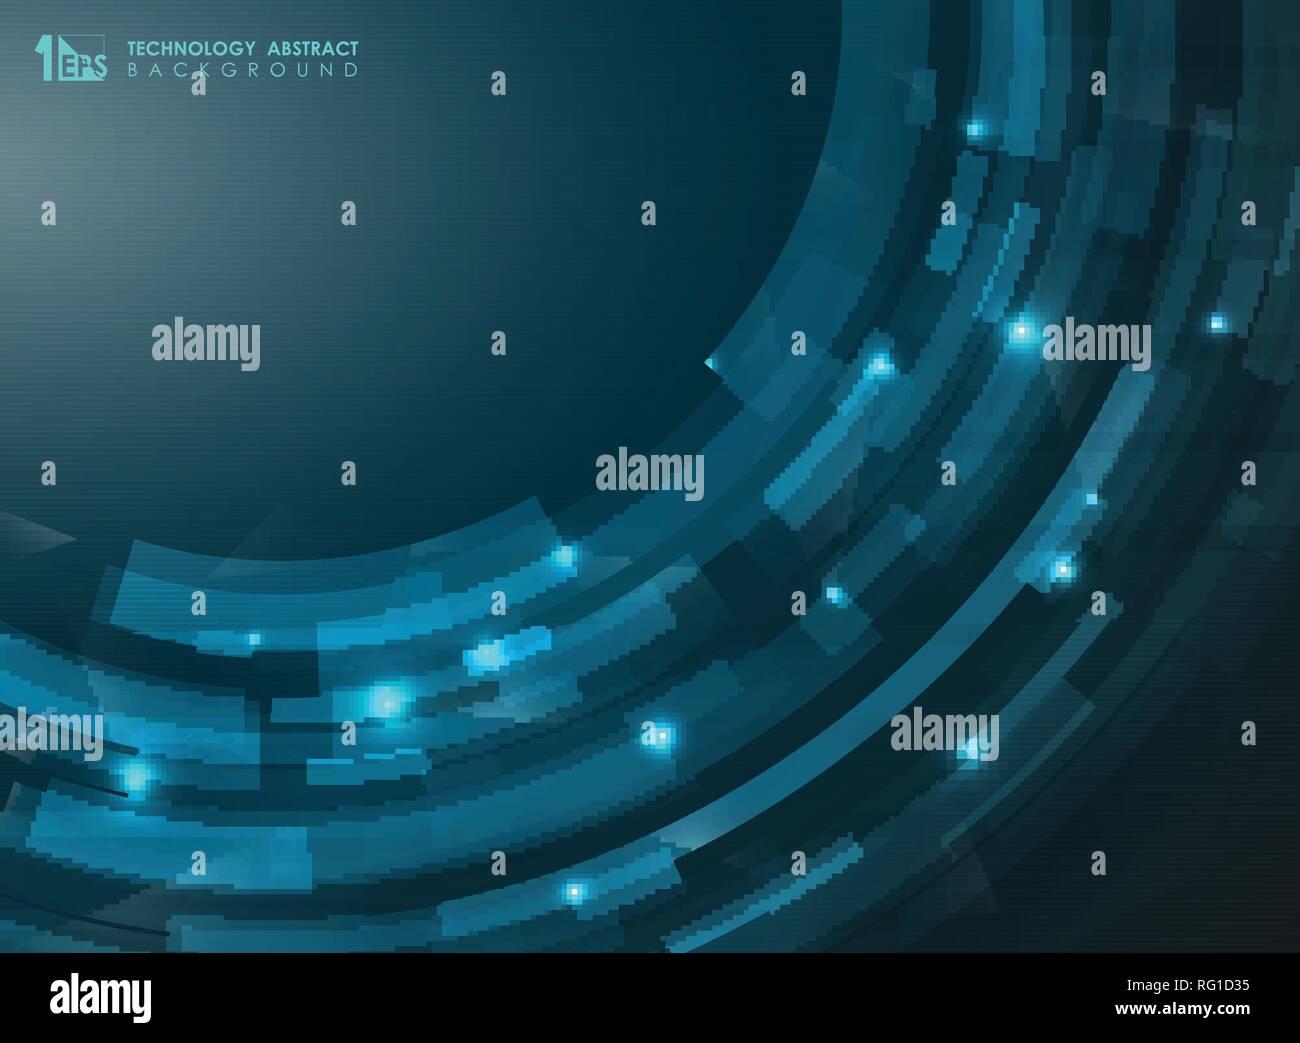 Abstract blue gradient stripe futuriste lignes courbes. Présentation de la technologie de l'article pouvez utiliser pour brochure, dépliant, bannière, papier peint, rapport annuel. V Illustration de Vecteur